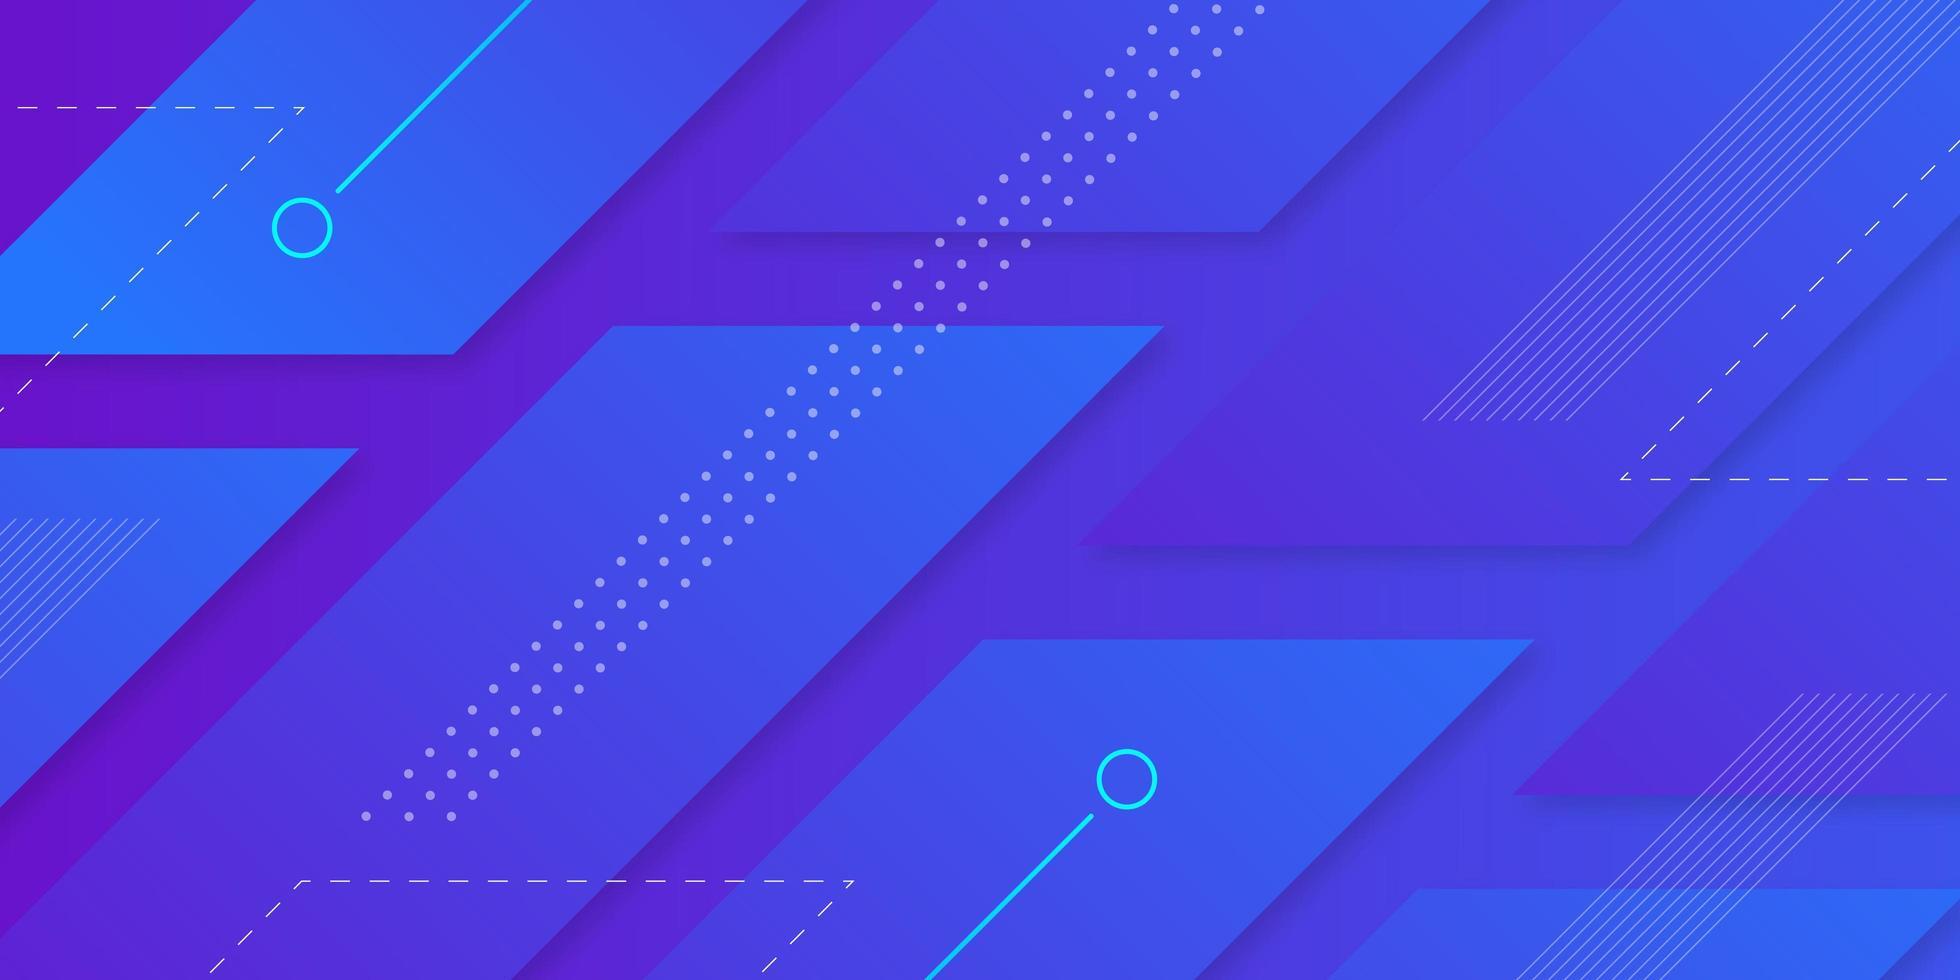 futuristischer geometrischer Hintergrund vektor